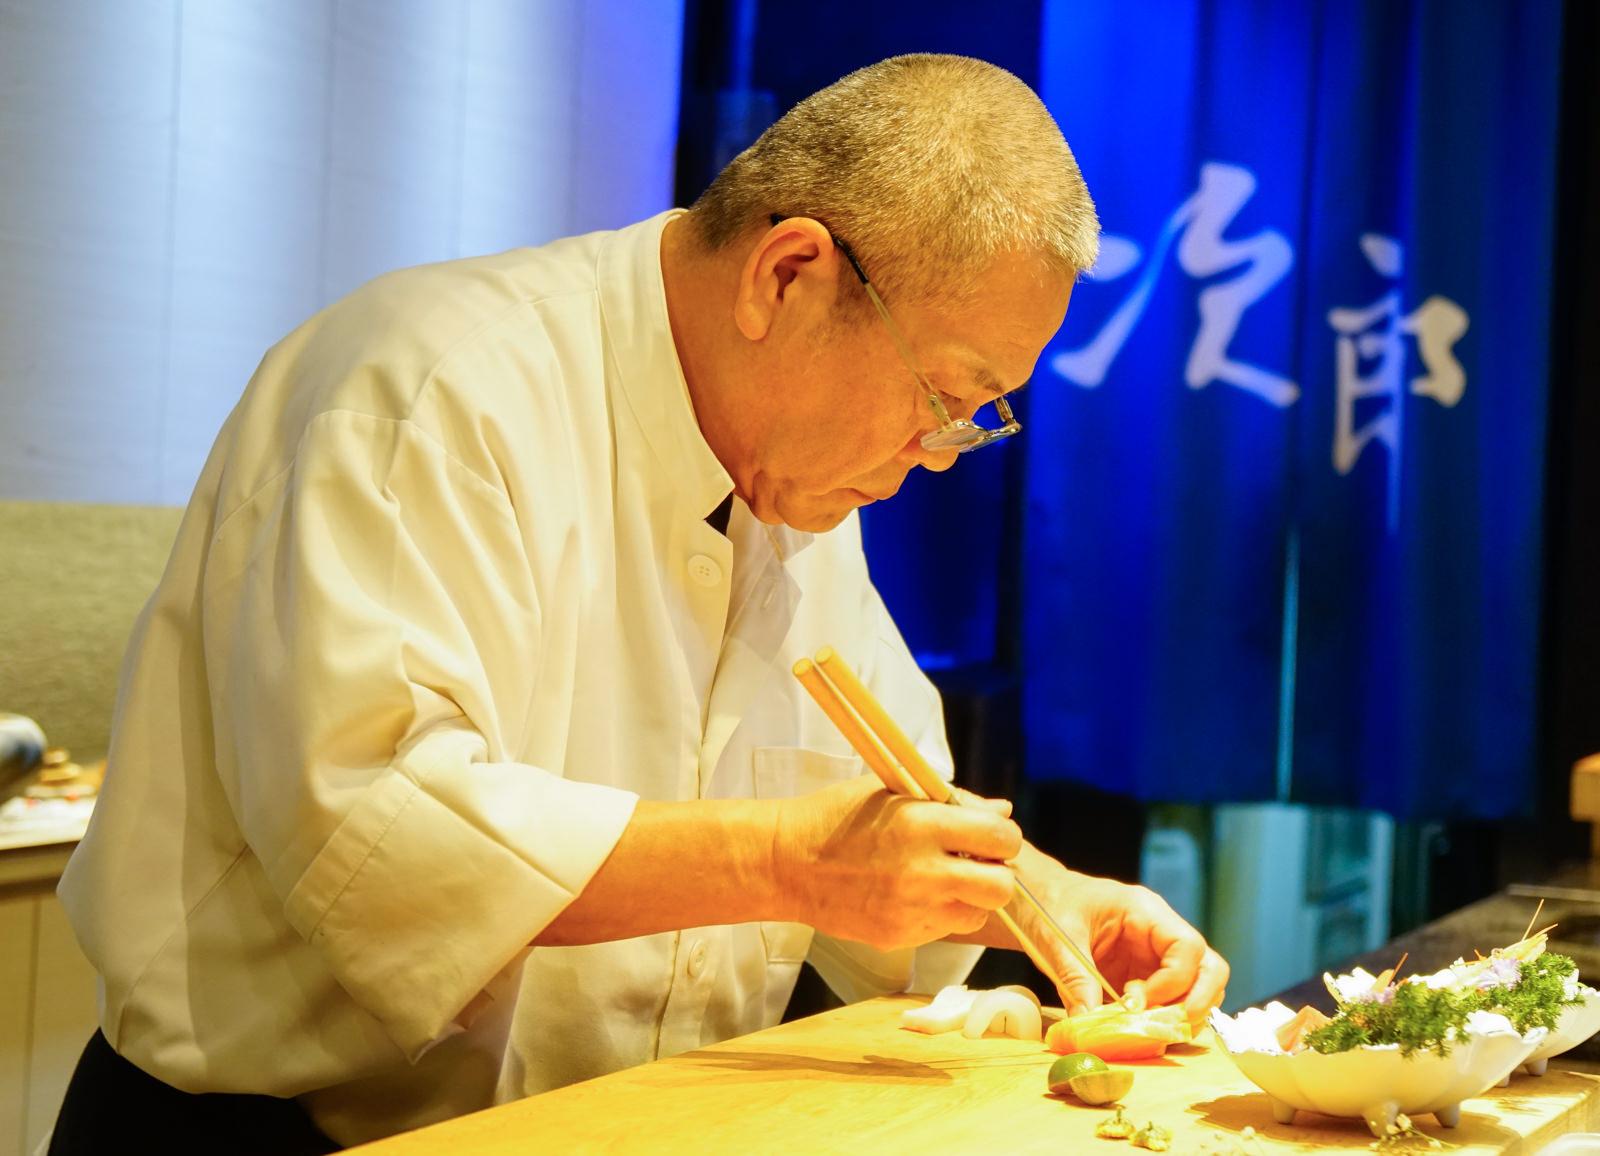 [高雄]次郎本格日本料理-日籍料理長的職人風範 藝術和食饗宴 高雄日本料理推薦